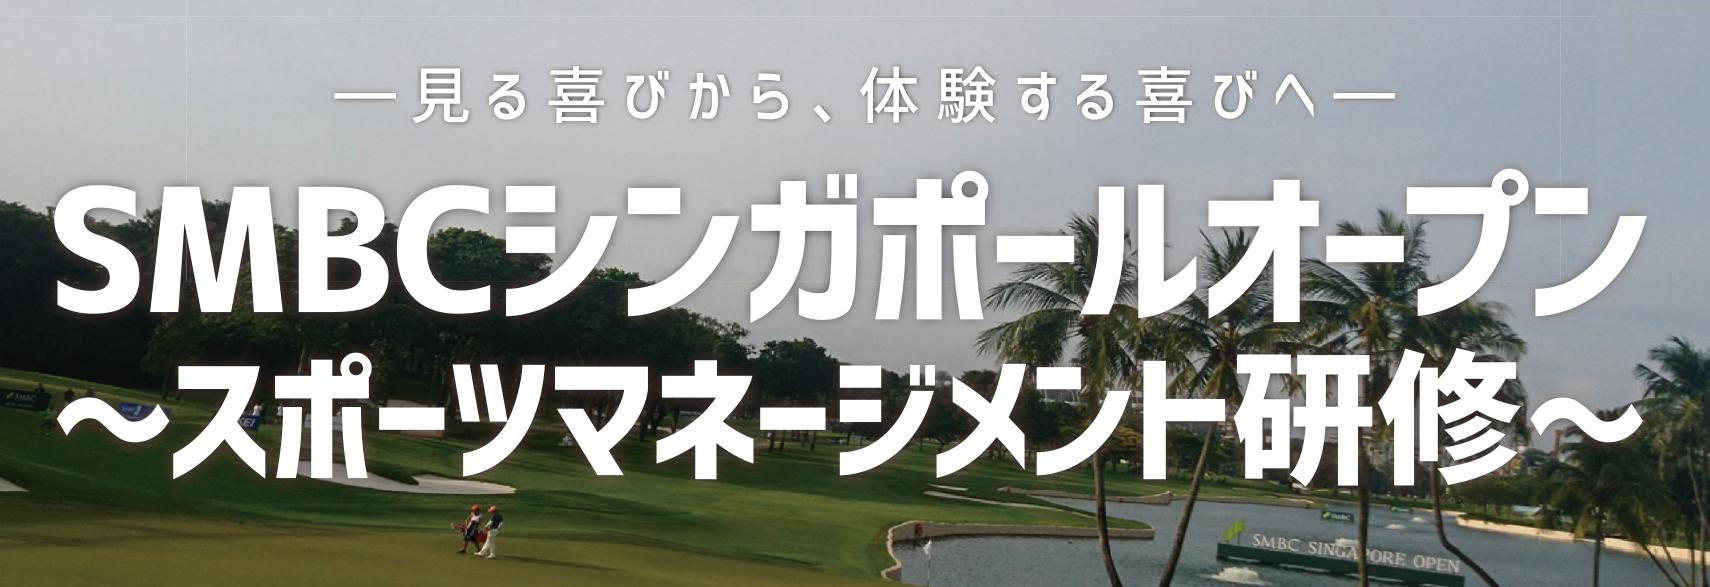 SMBCシンガポールオープン~スポーツマネージメント研修~